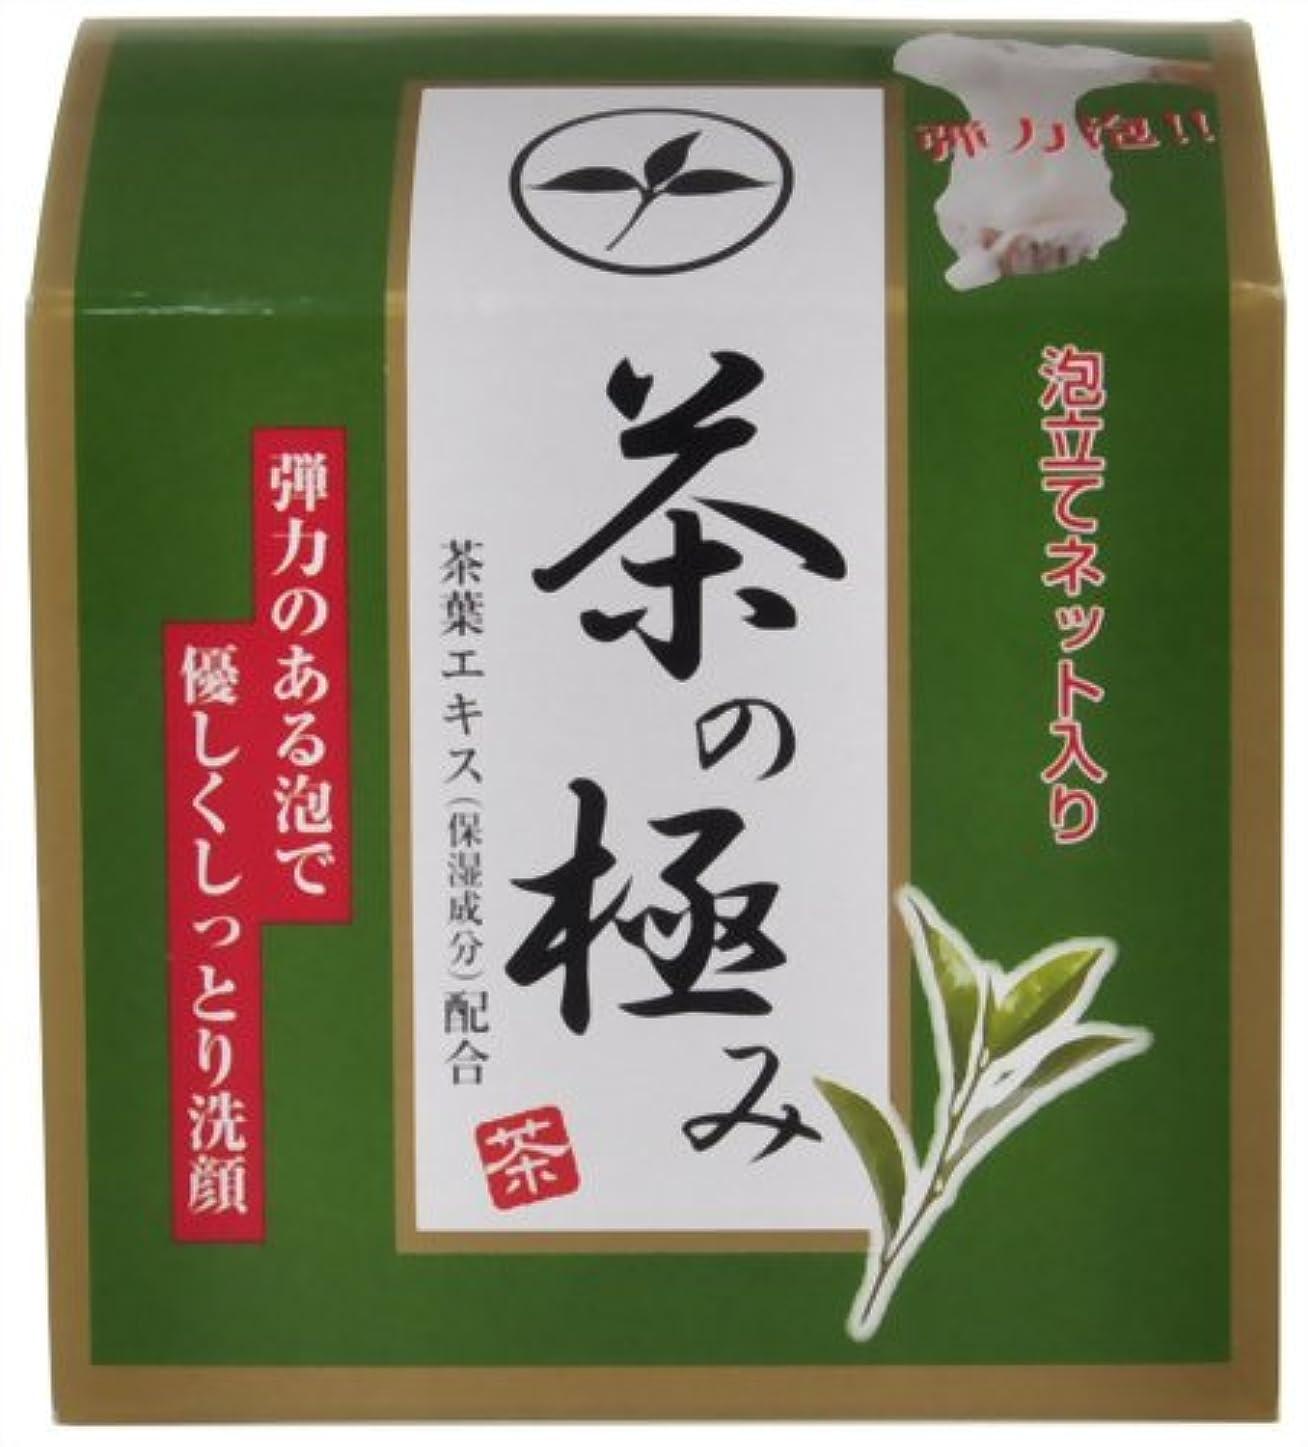 エアコン裁定める茶の極み 洗顔石けん 90g